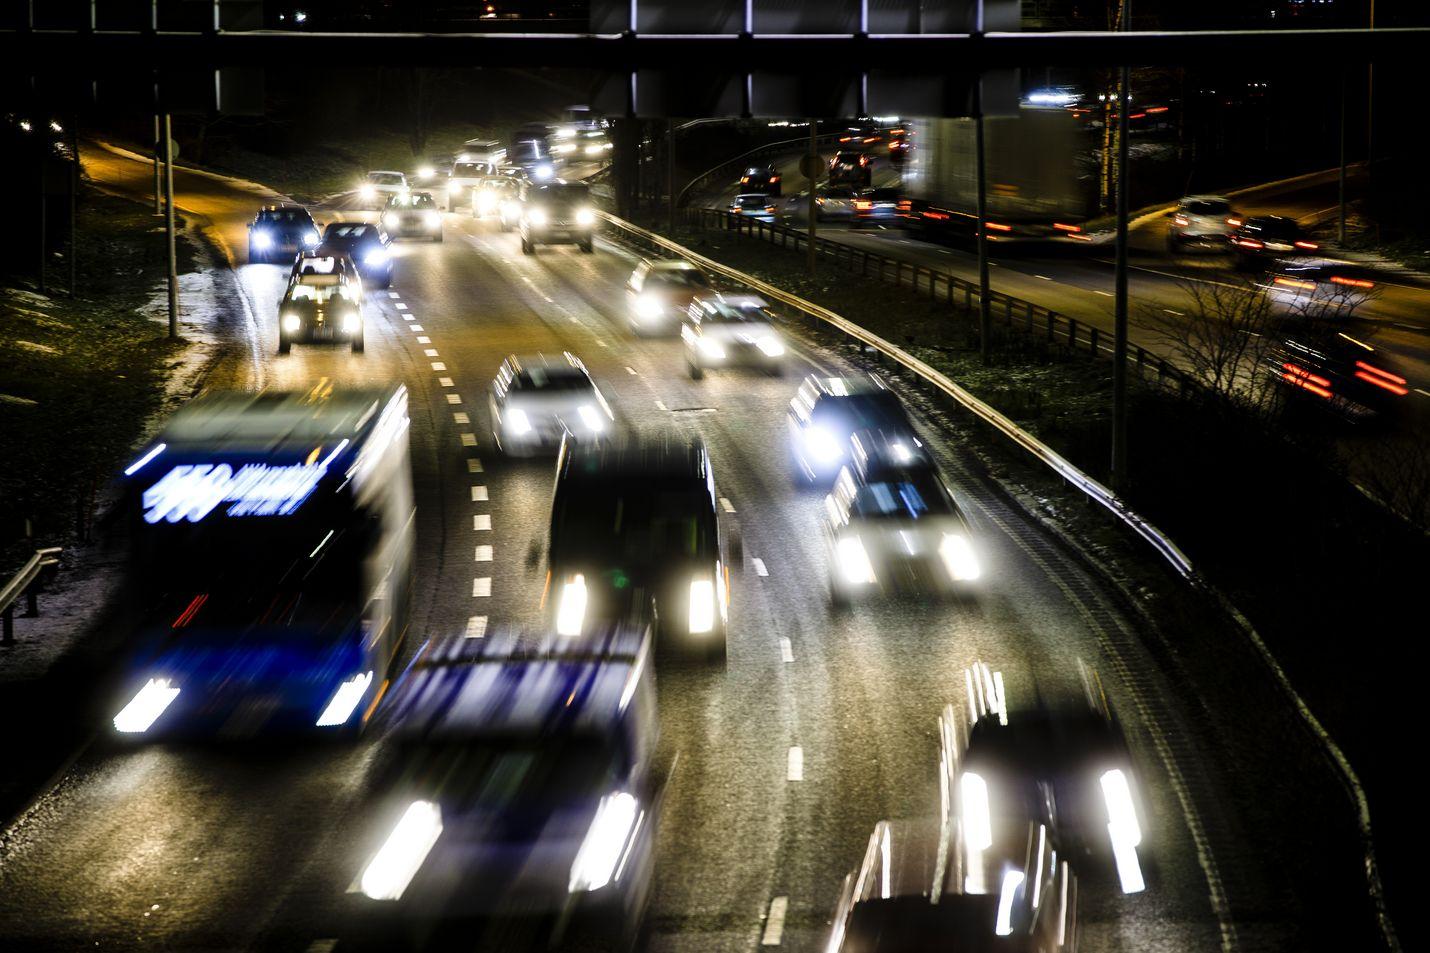 Liikenne on yksi isoimmista taakankantajista ilmastonmuutoksen hidastamisessa ja torjumisessa.